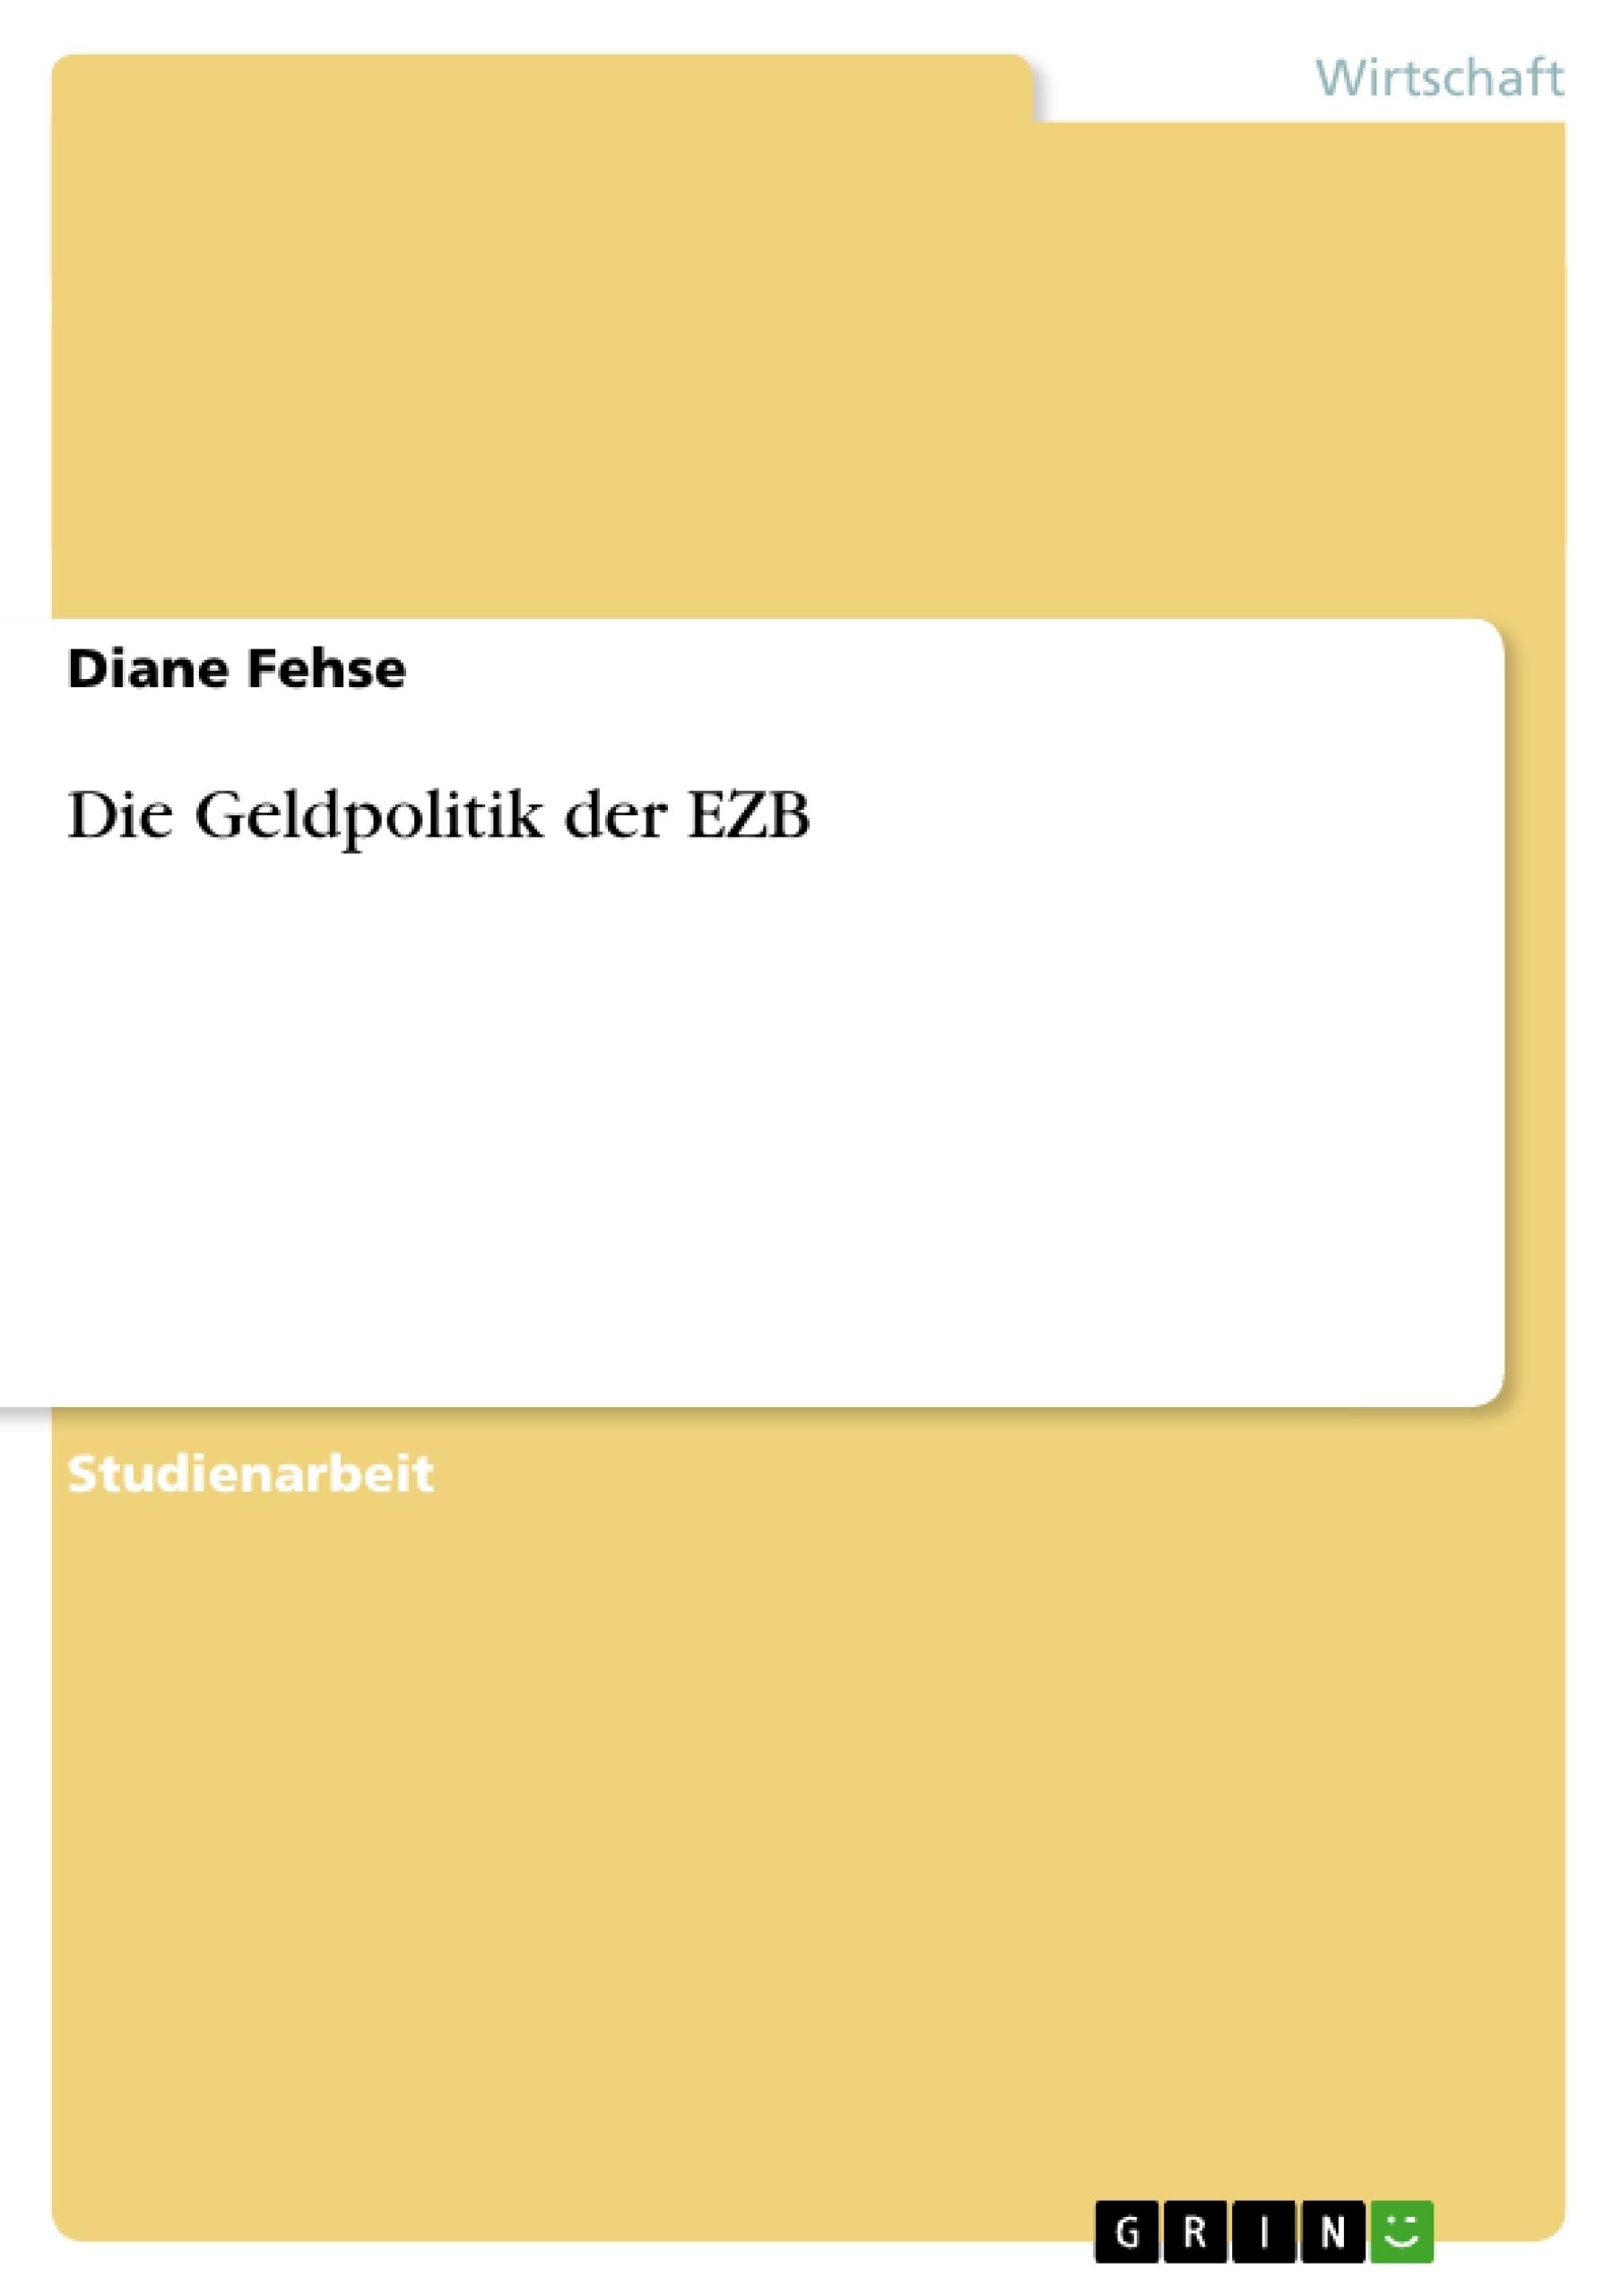 Titel: Die Geldpolitik der EZB